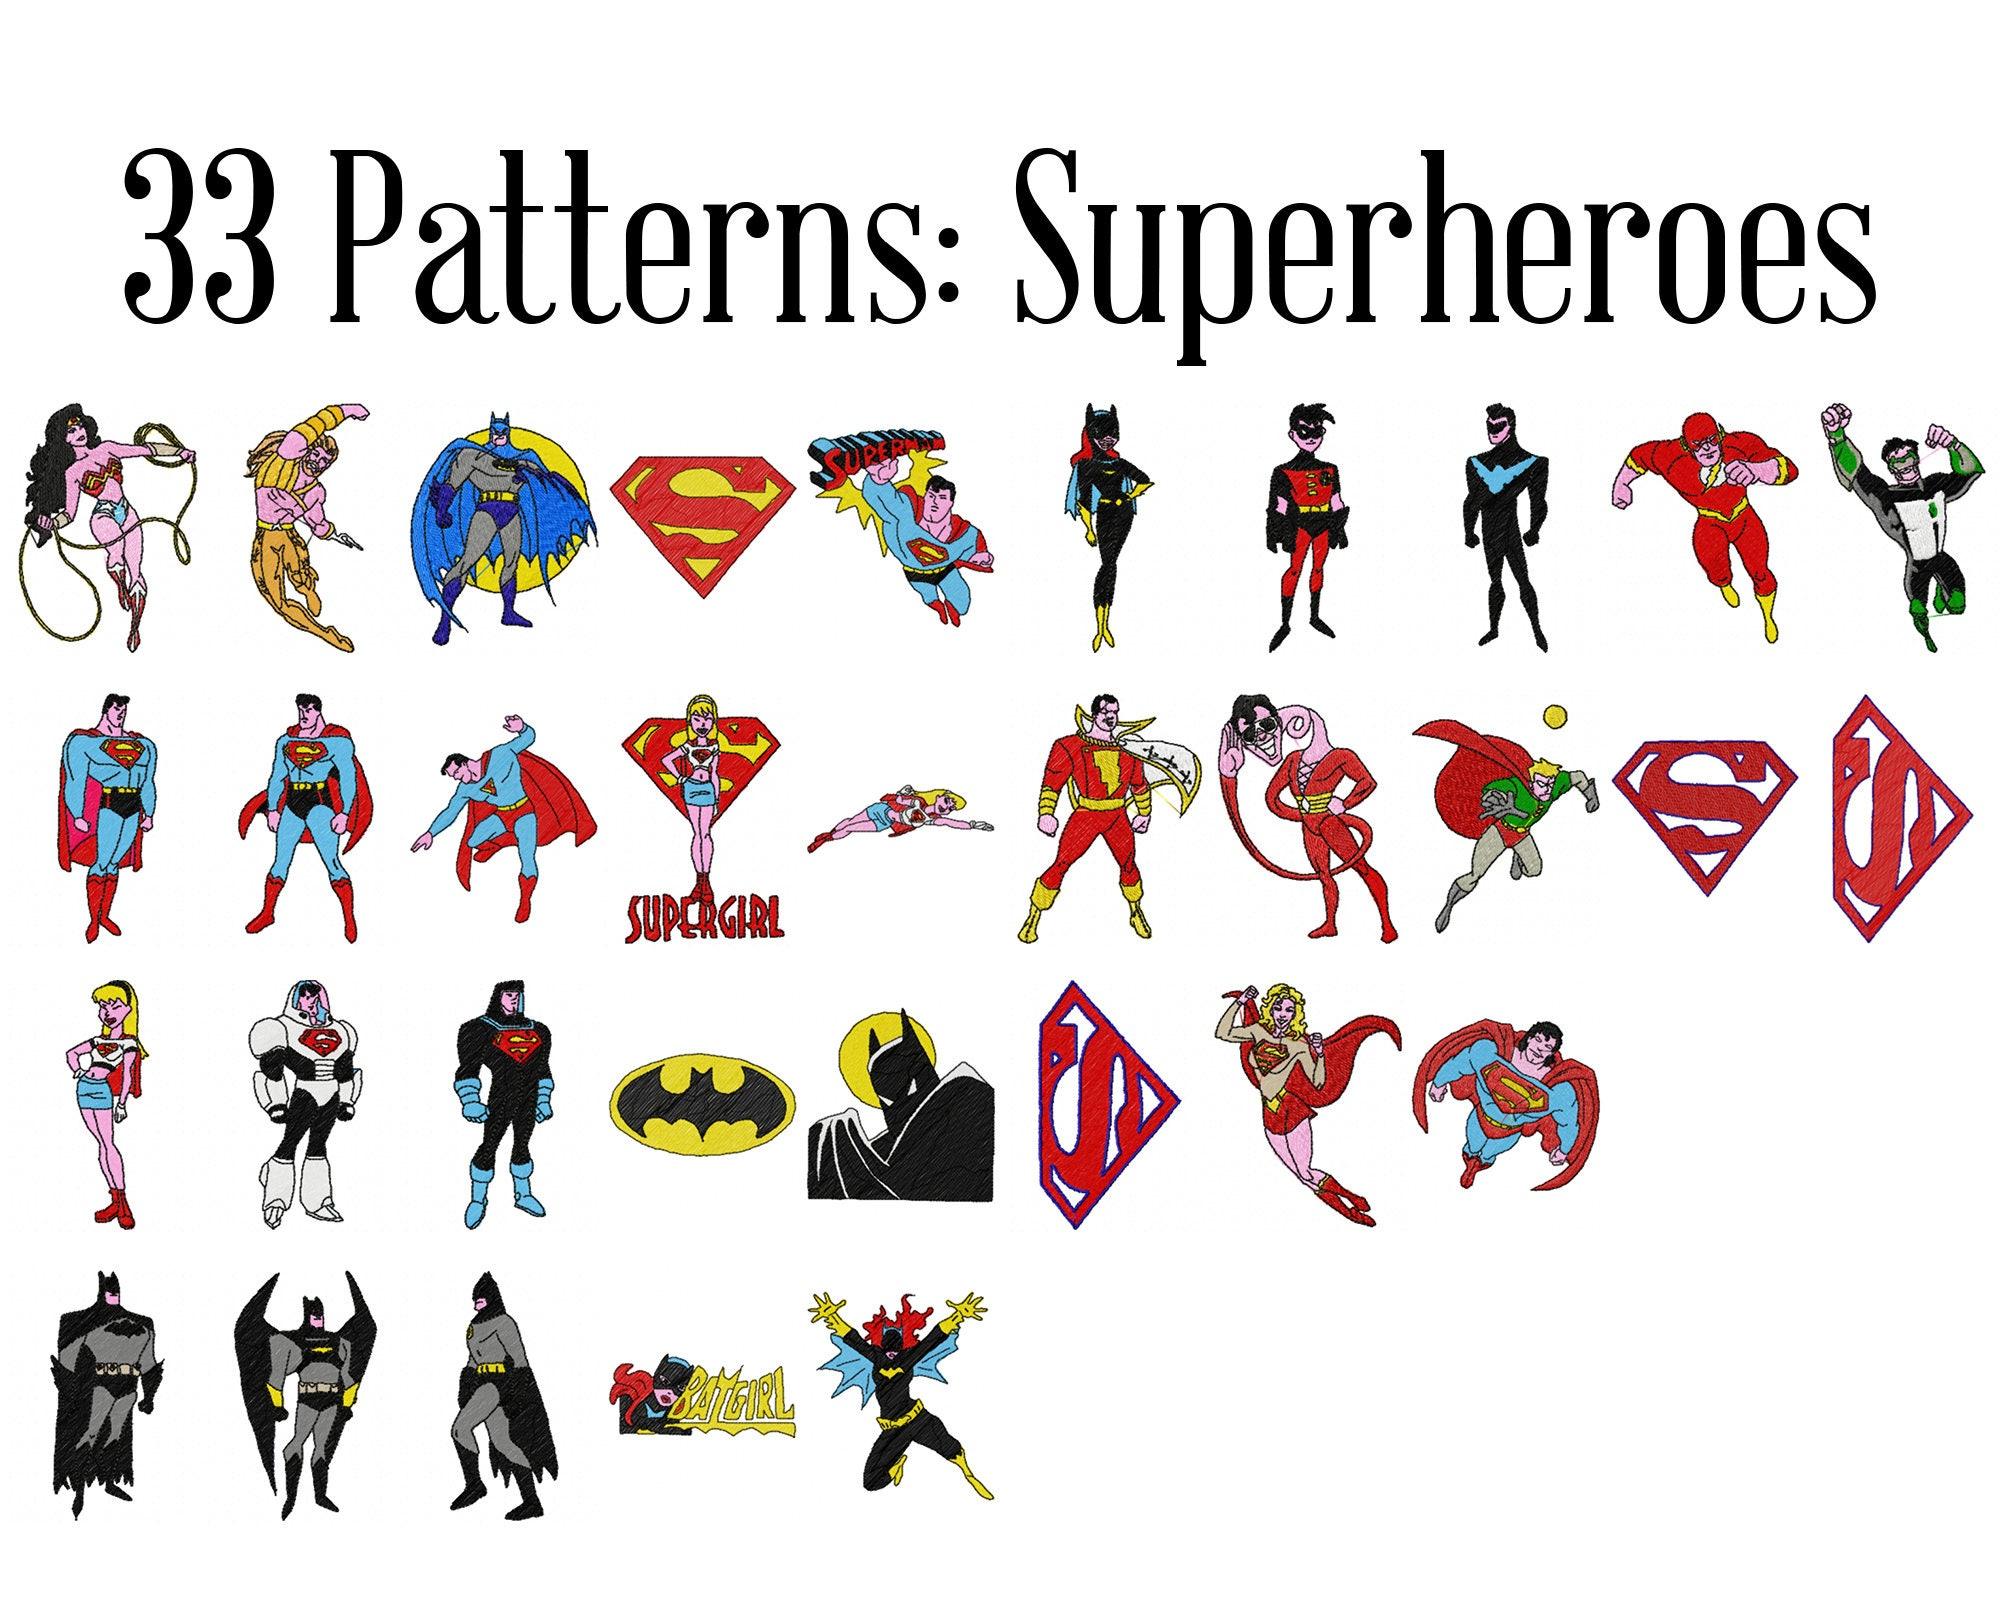 Superhéroe máquina patrones de bordado bordado de Batman | Etsy